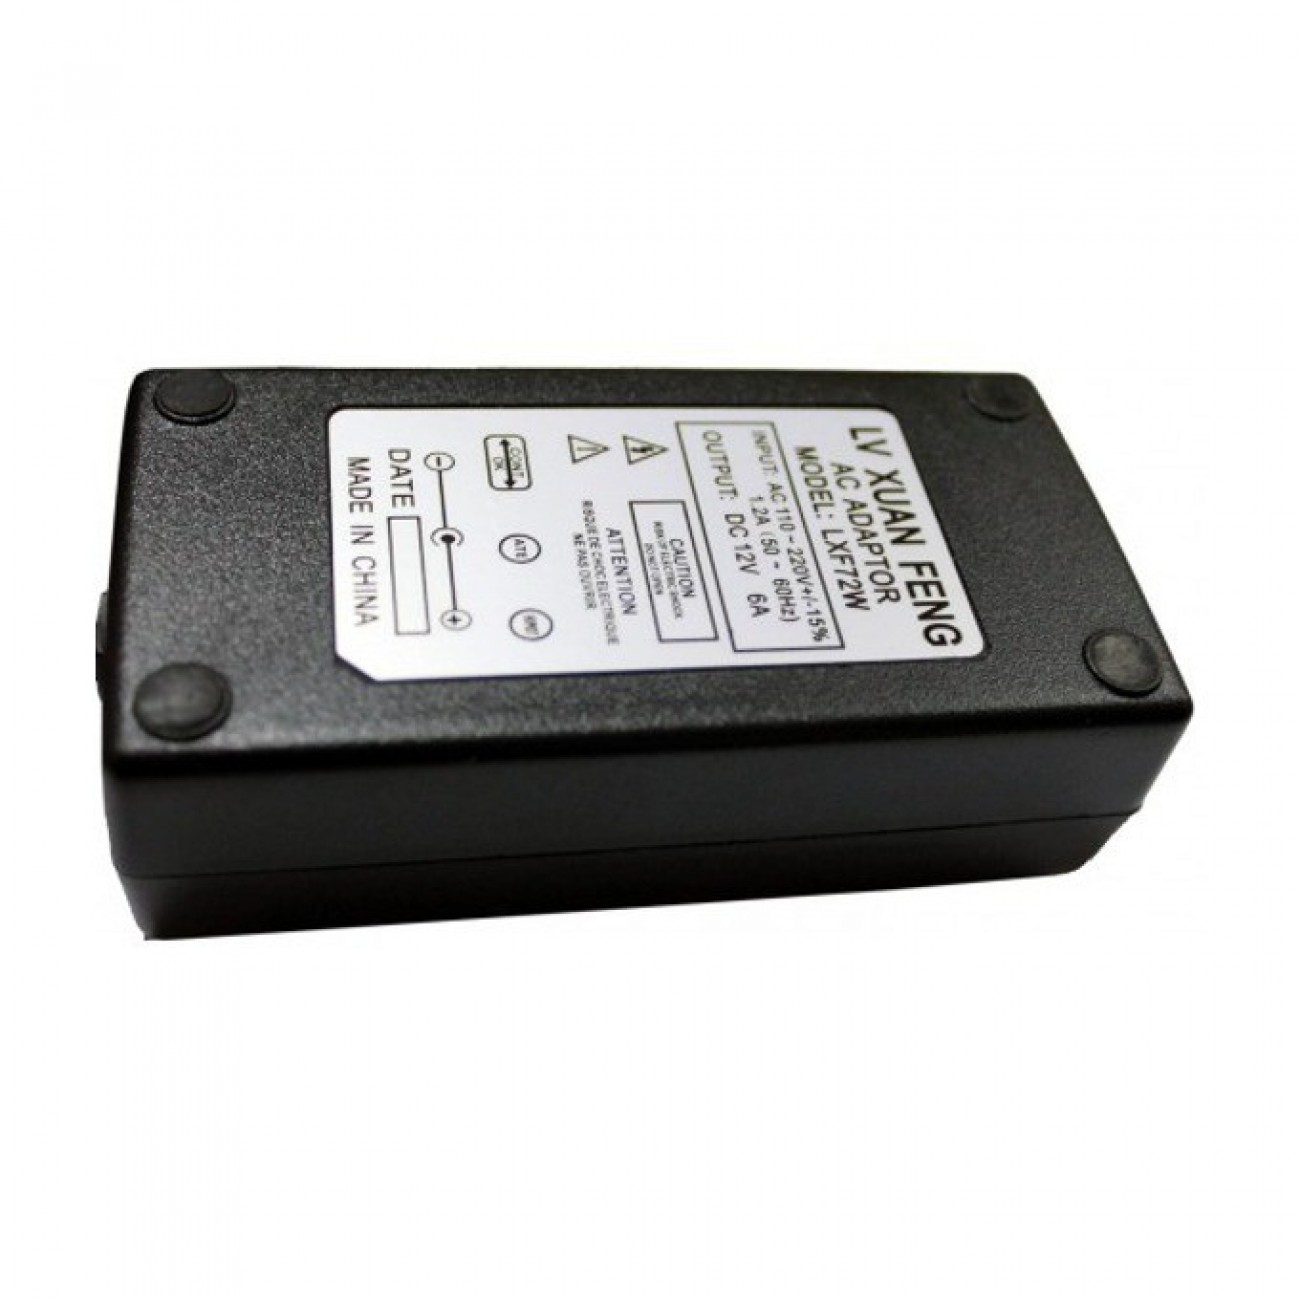 Захранващ адаптер за LCD монитори 12V/6.0A, жак 5.5/2.5мм в Захранвания аксесоари -    Alleop